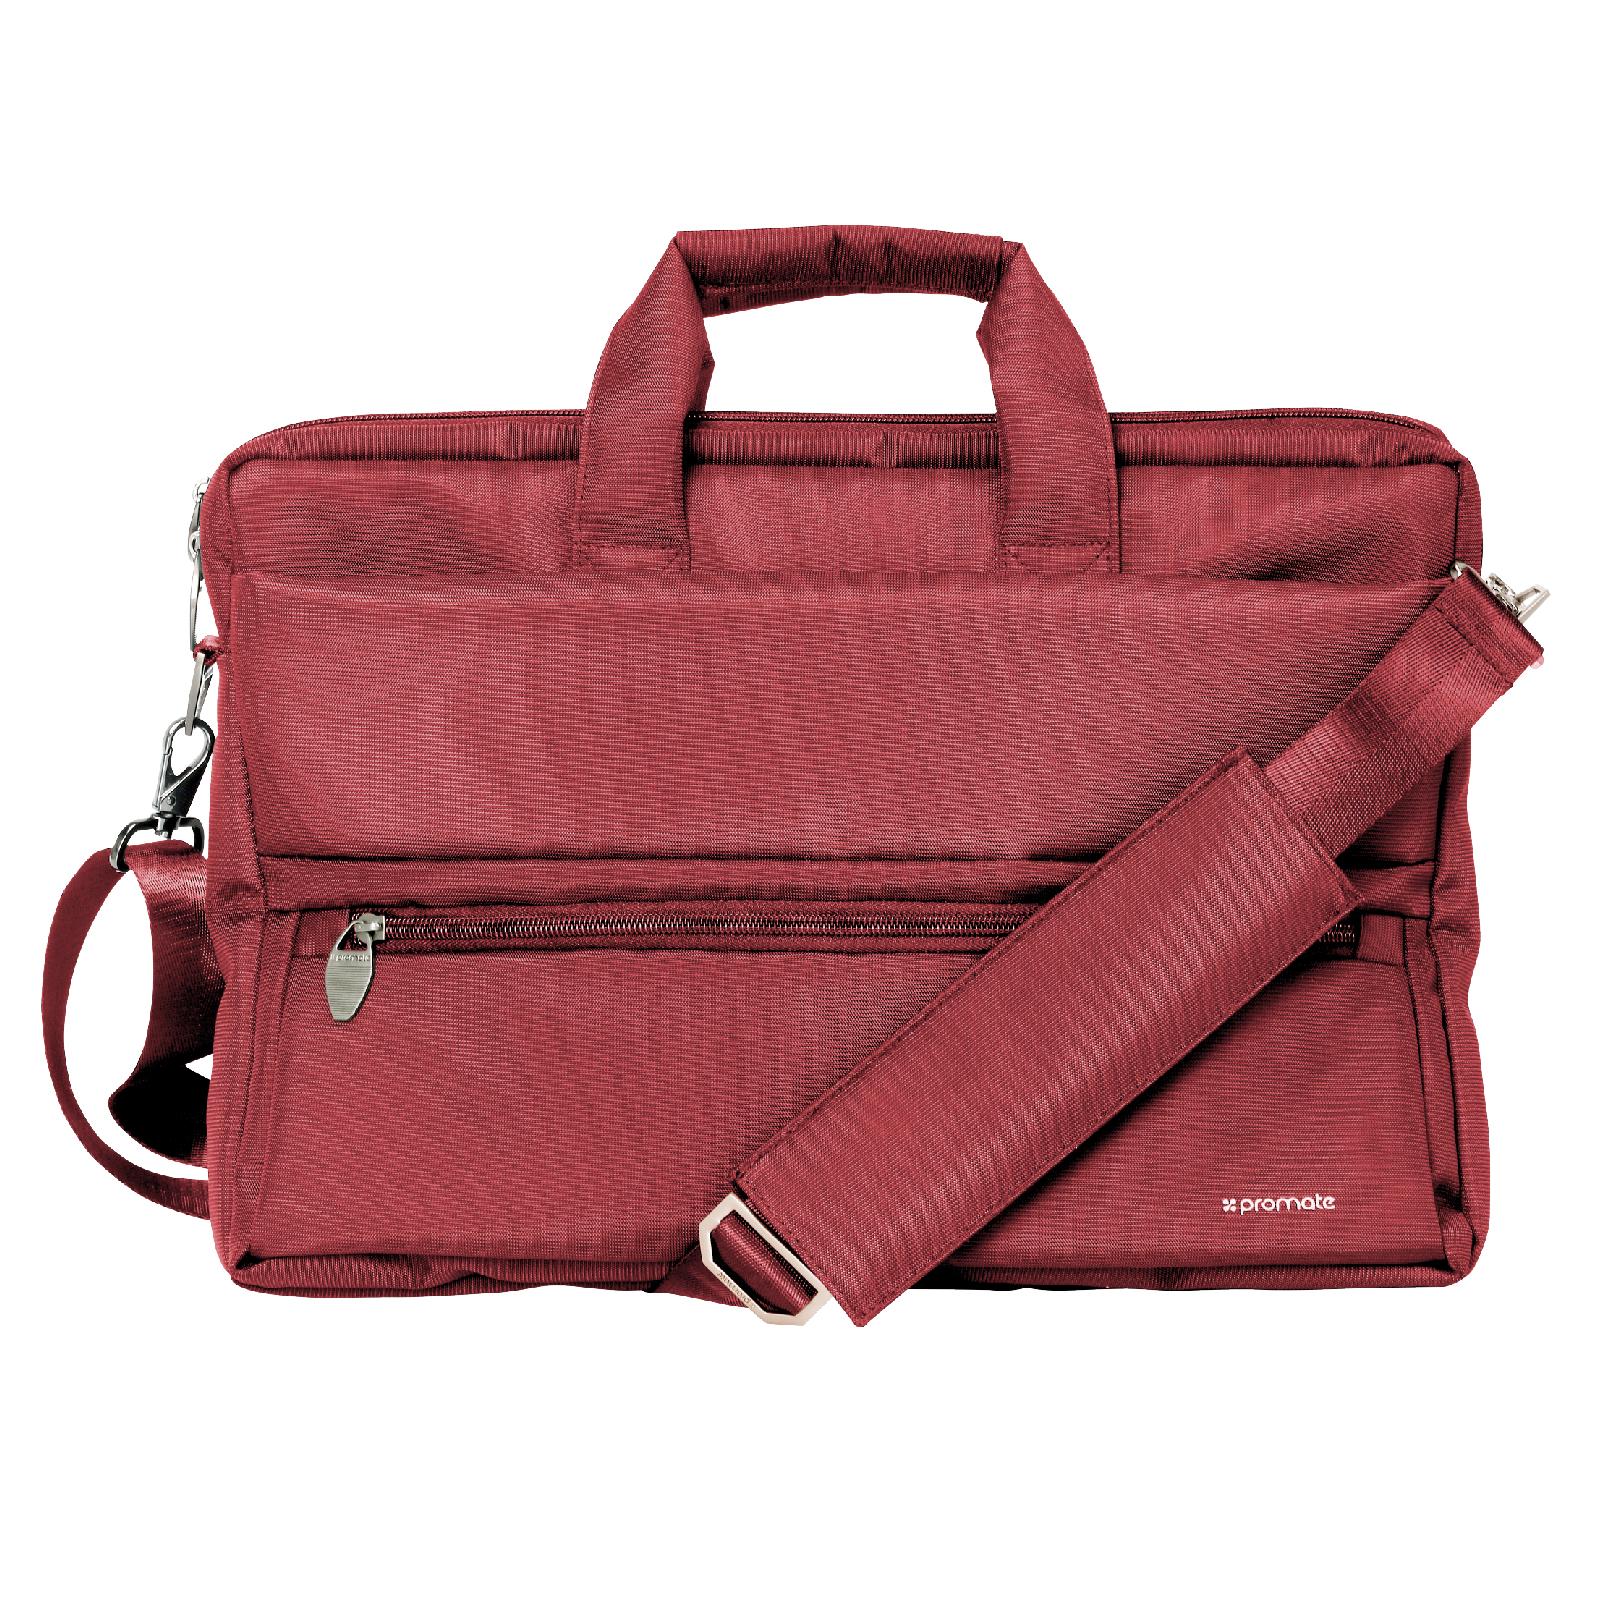 e7de94c9a5 Promate Messenger Bag Laptop